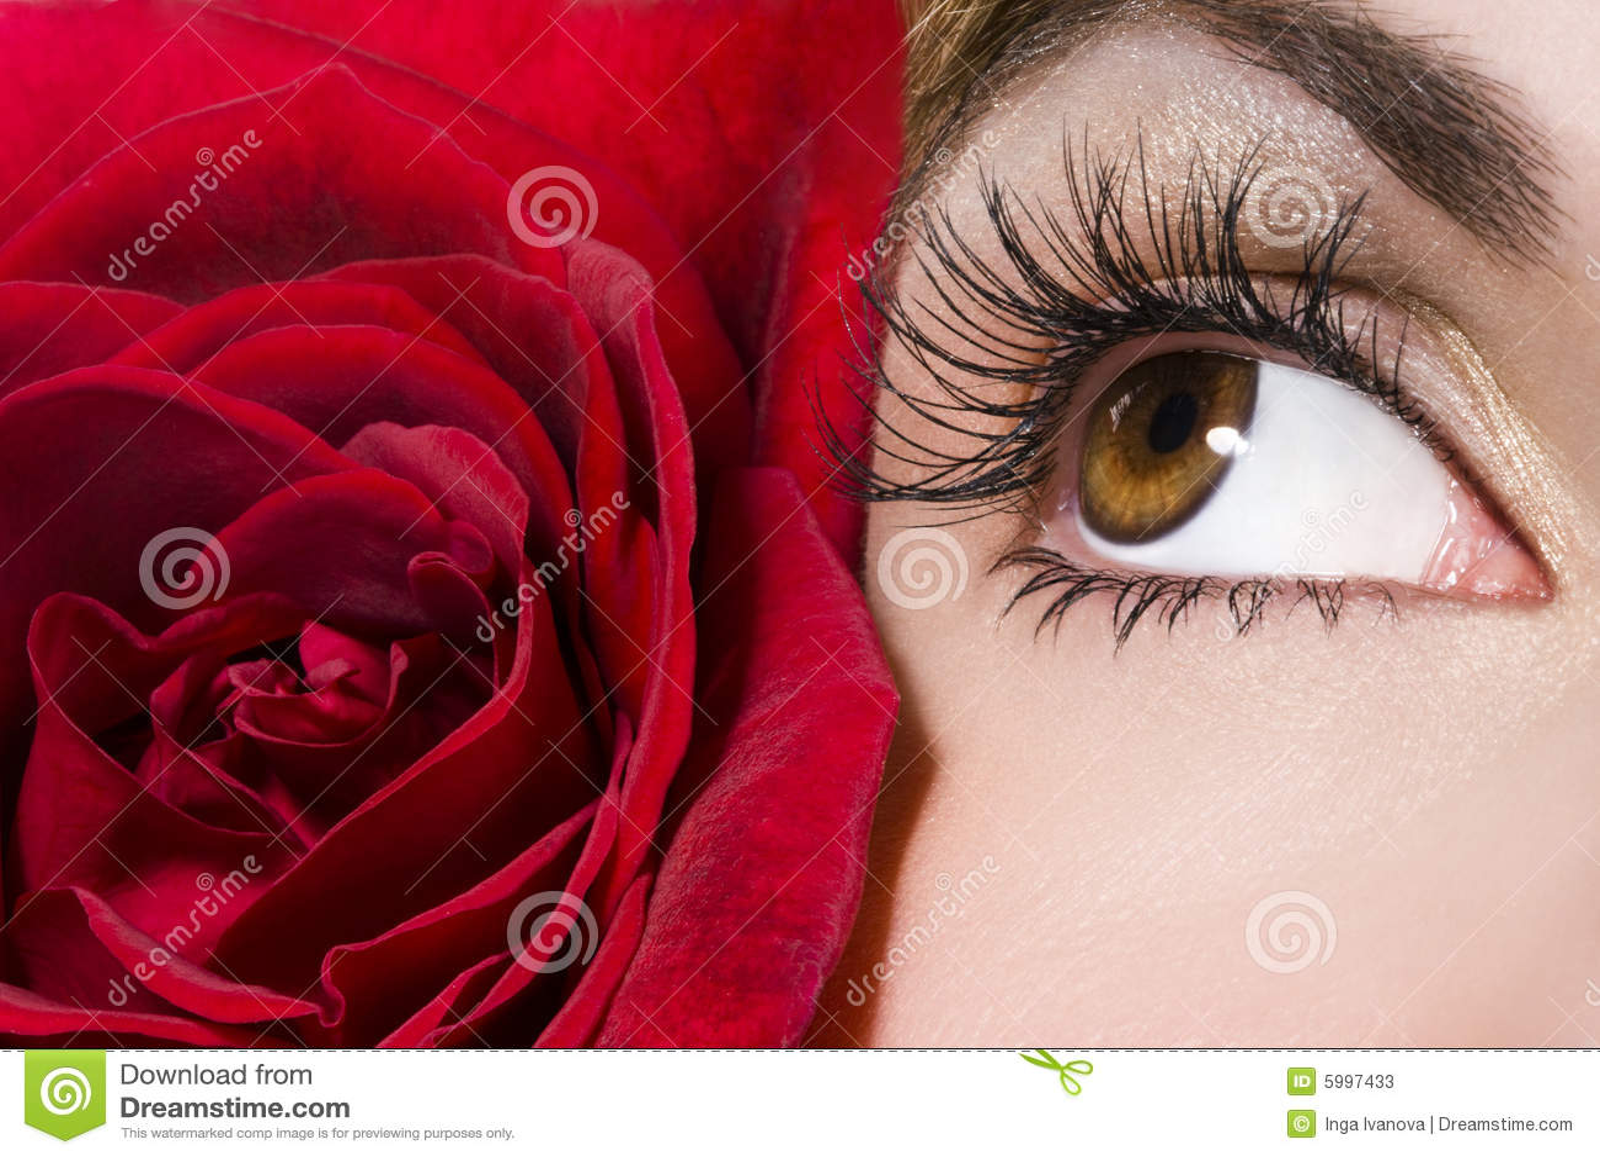 Czerwone róże kobiecie oko